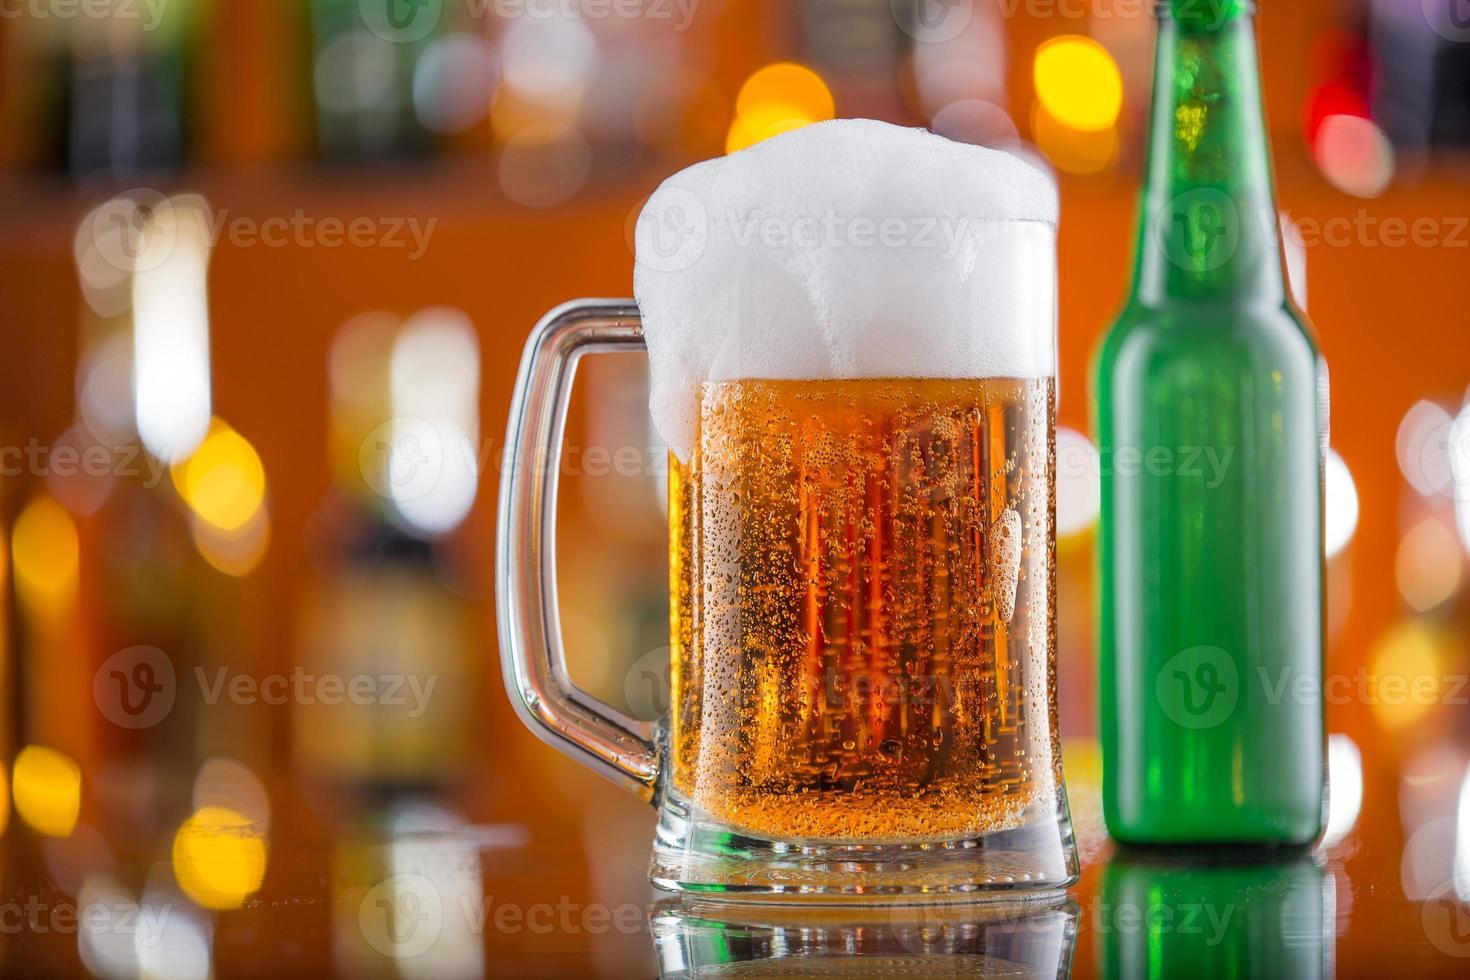 Botella de cerveza con vaso en la barra de escritorio foto